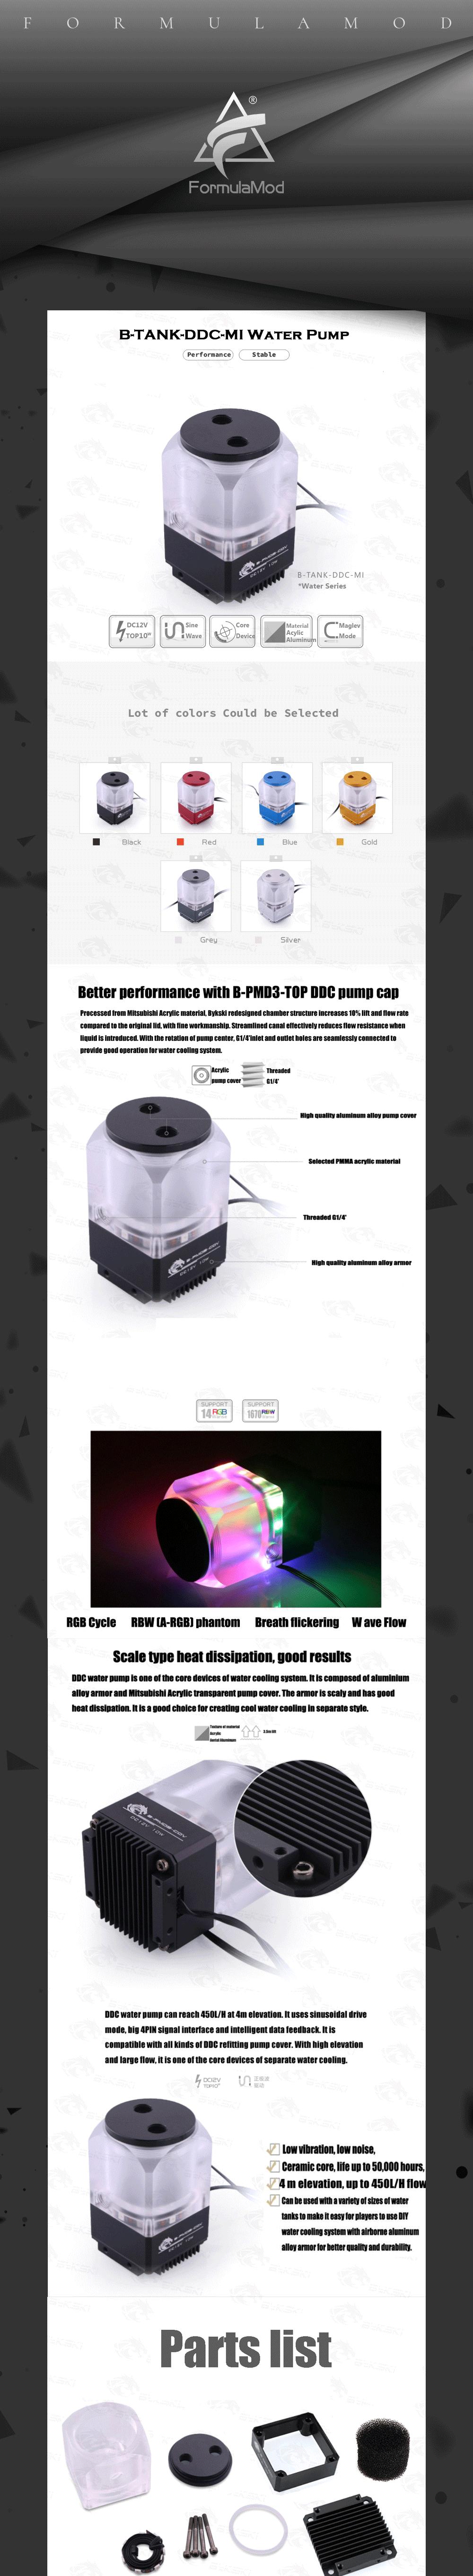 Bykski B-TANK-DDC-MI, Box Shape Mini Reservoir Pump Combinations, Integrated Pump, Output Head 4 Meters, Maximum Flow 450L/H